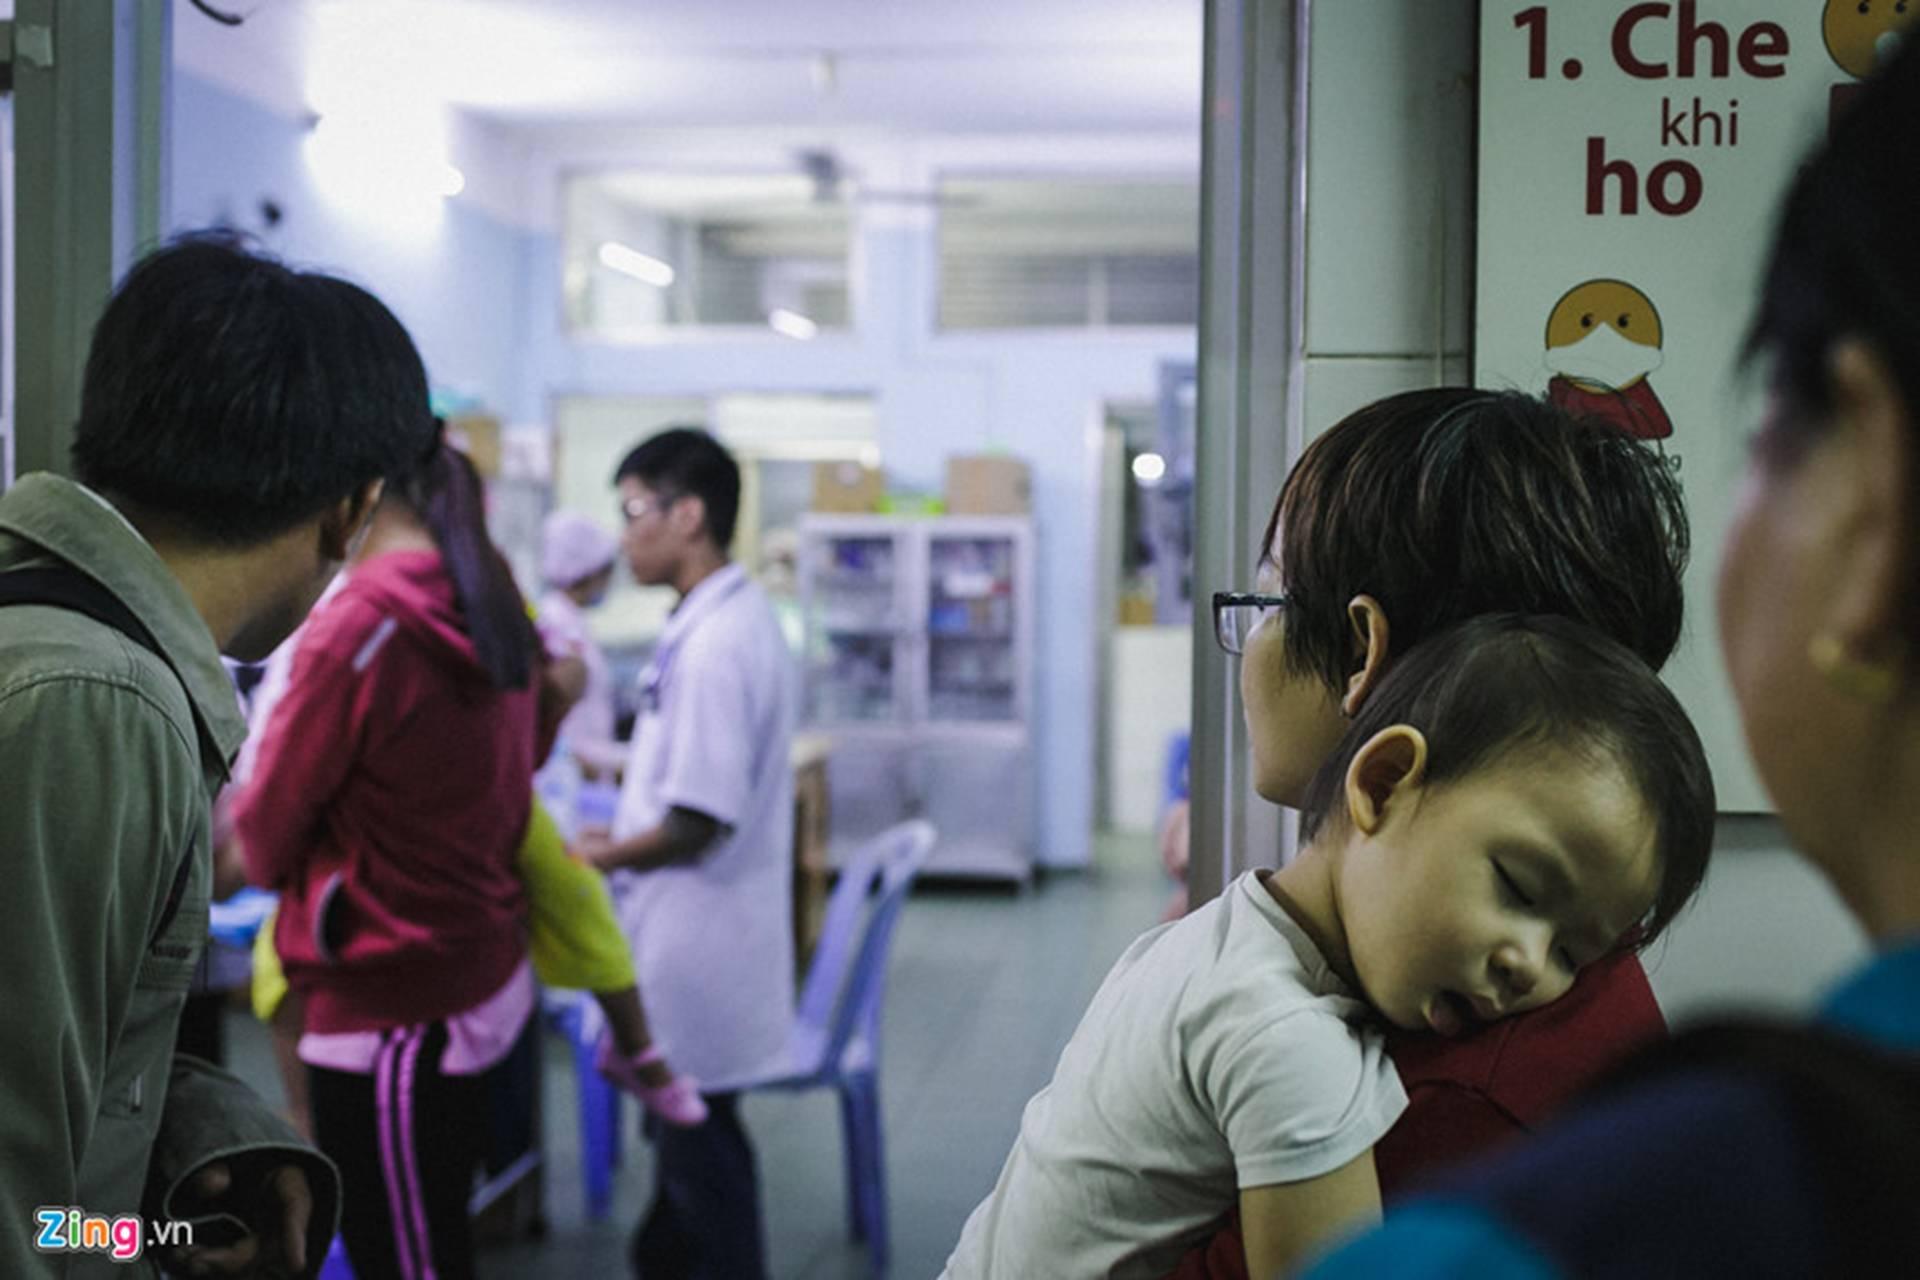 Bệnh viện Nhi ở Sài Gòn vỡ trận vì dịch chồng dịch-15